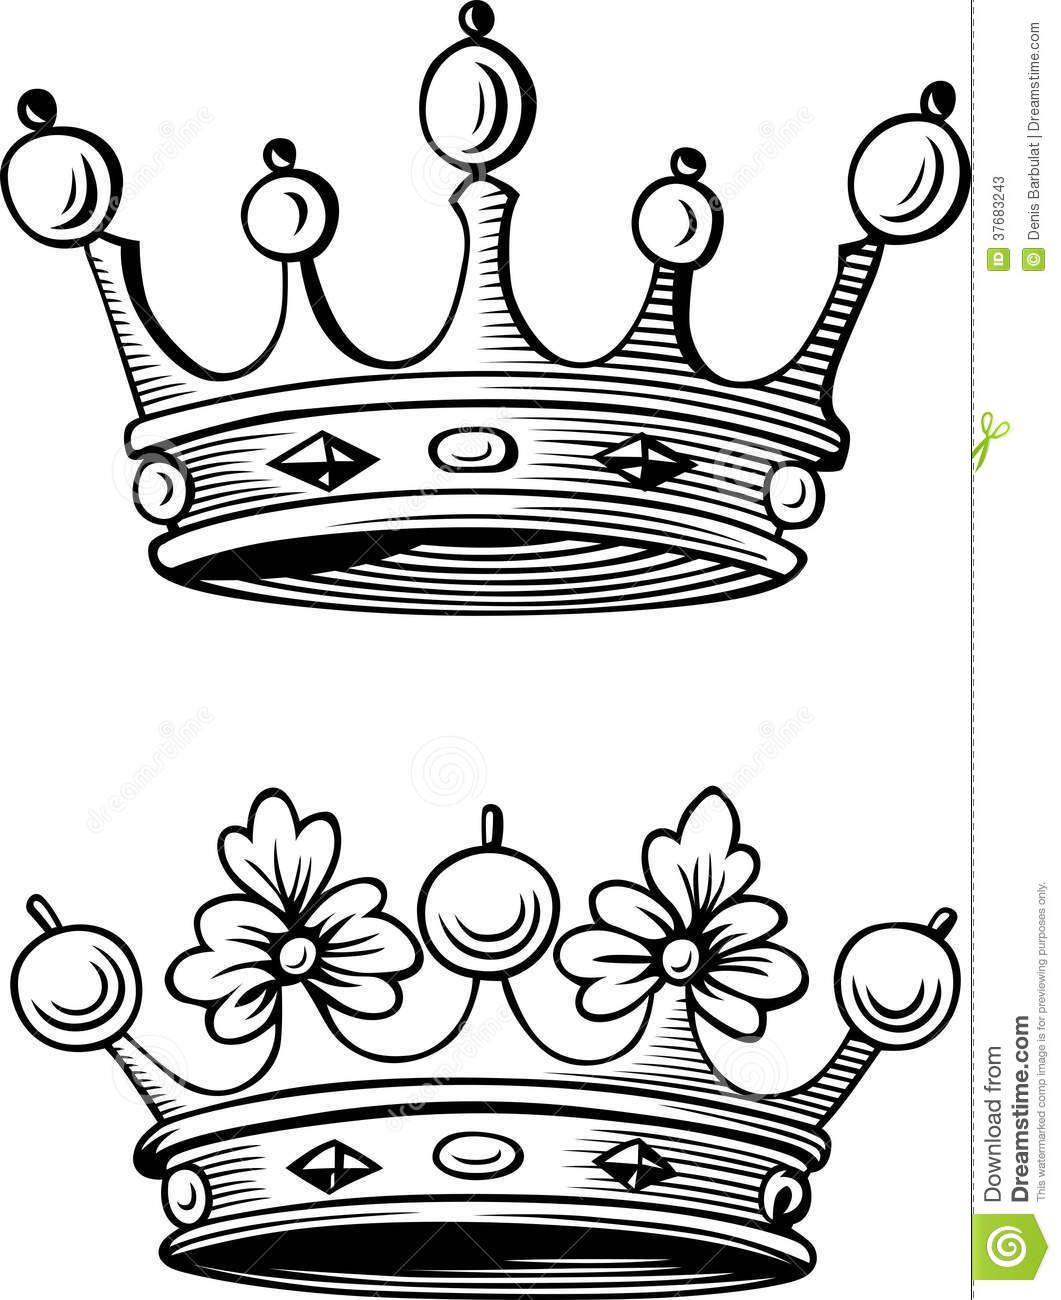 Resultado De Imagen Para Coronas Rey Y Reina Couronnes Pinterest